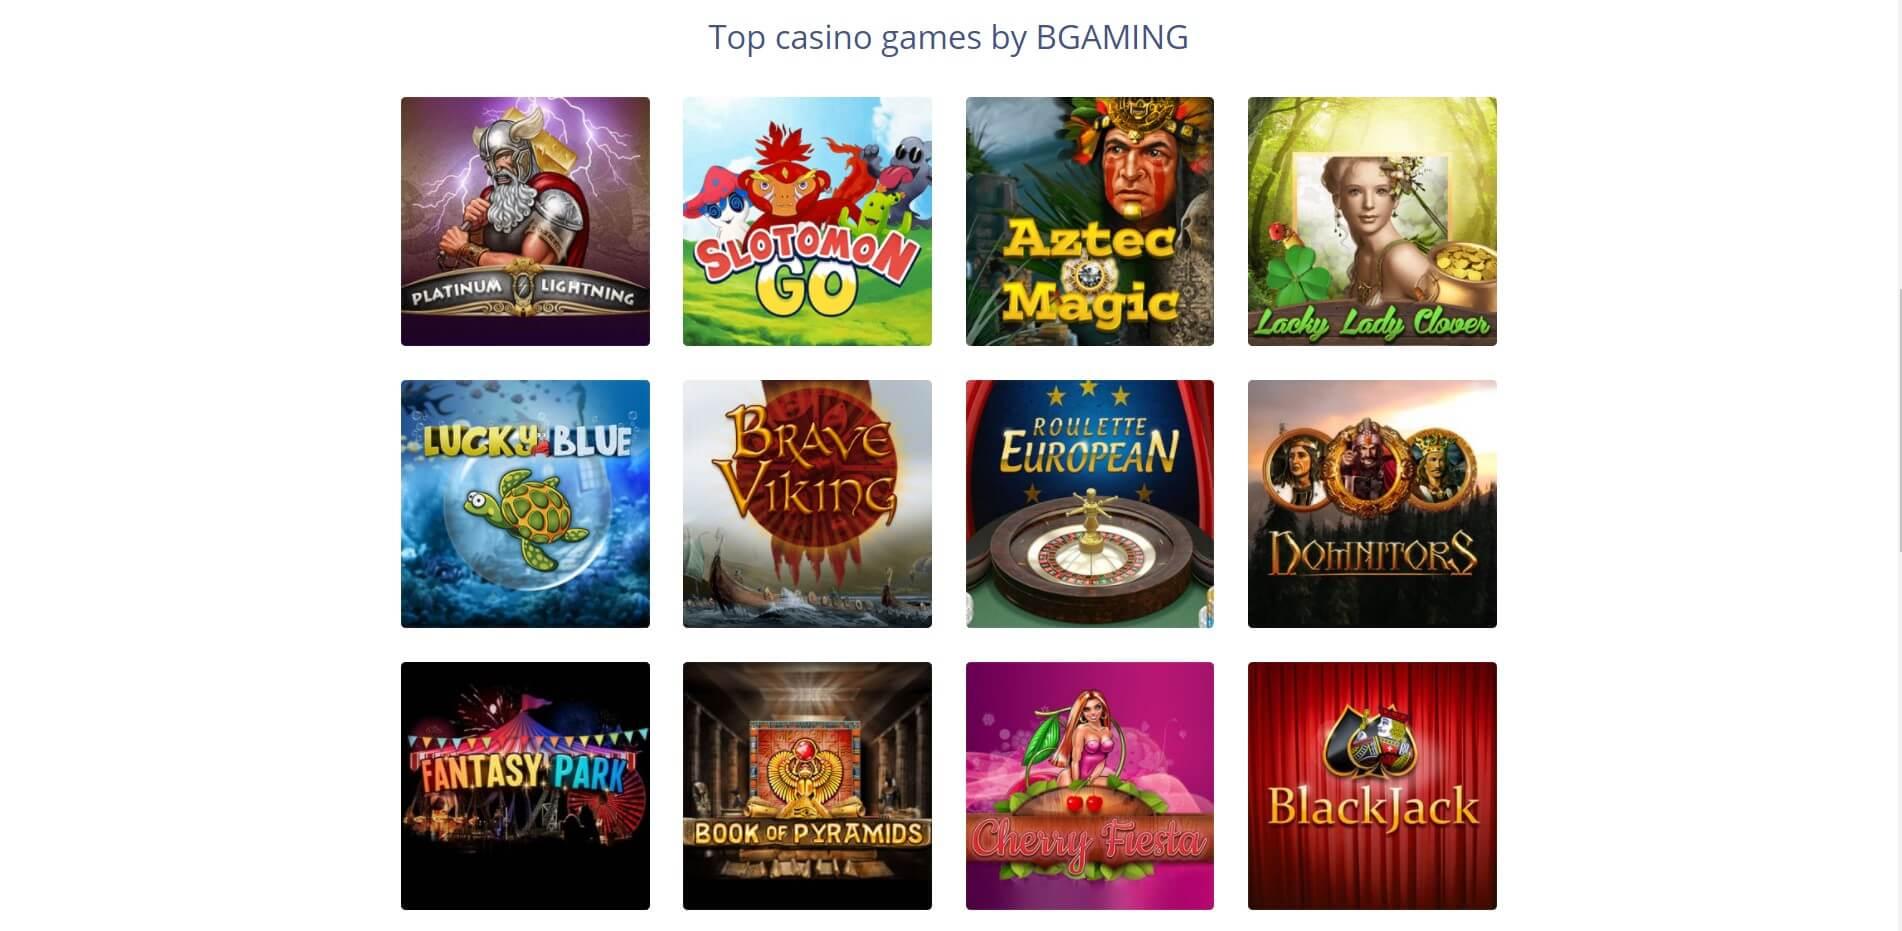 bgaming games